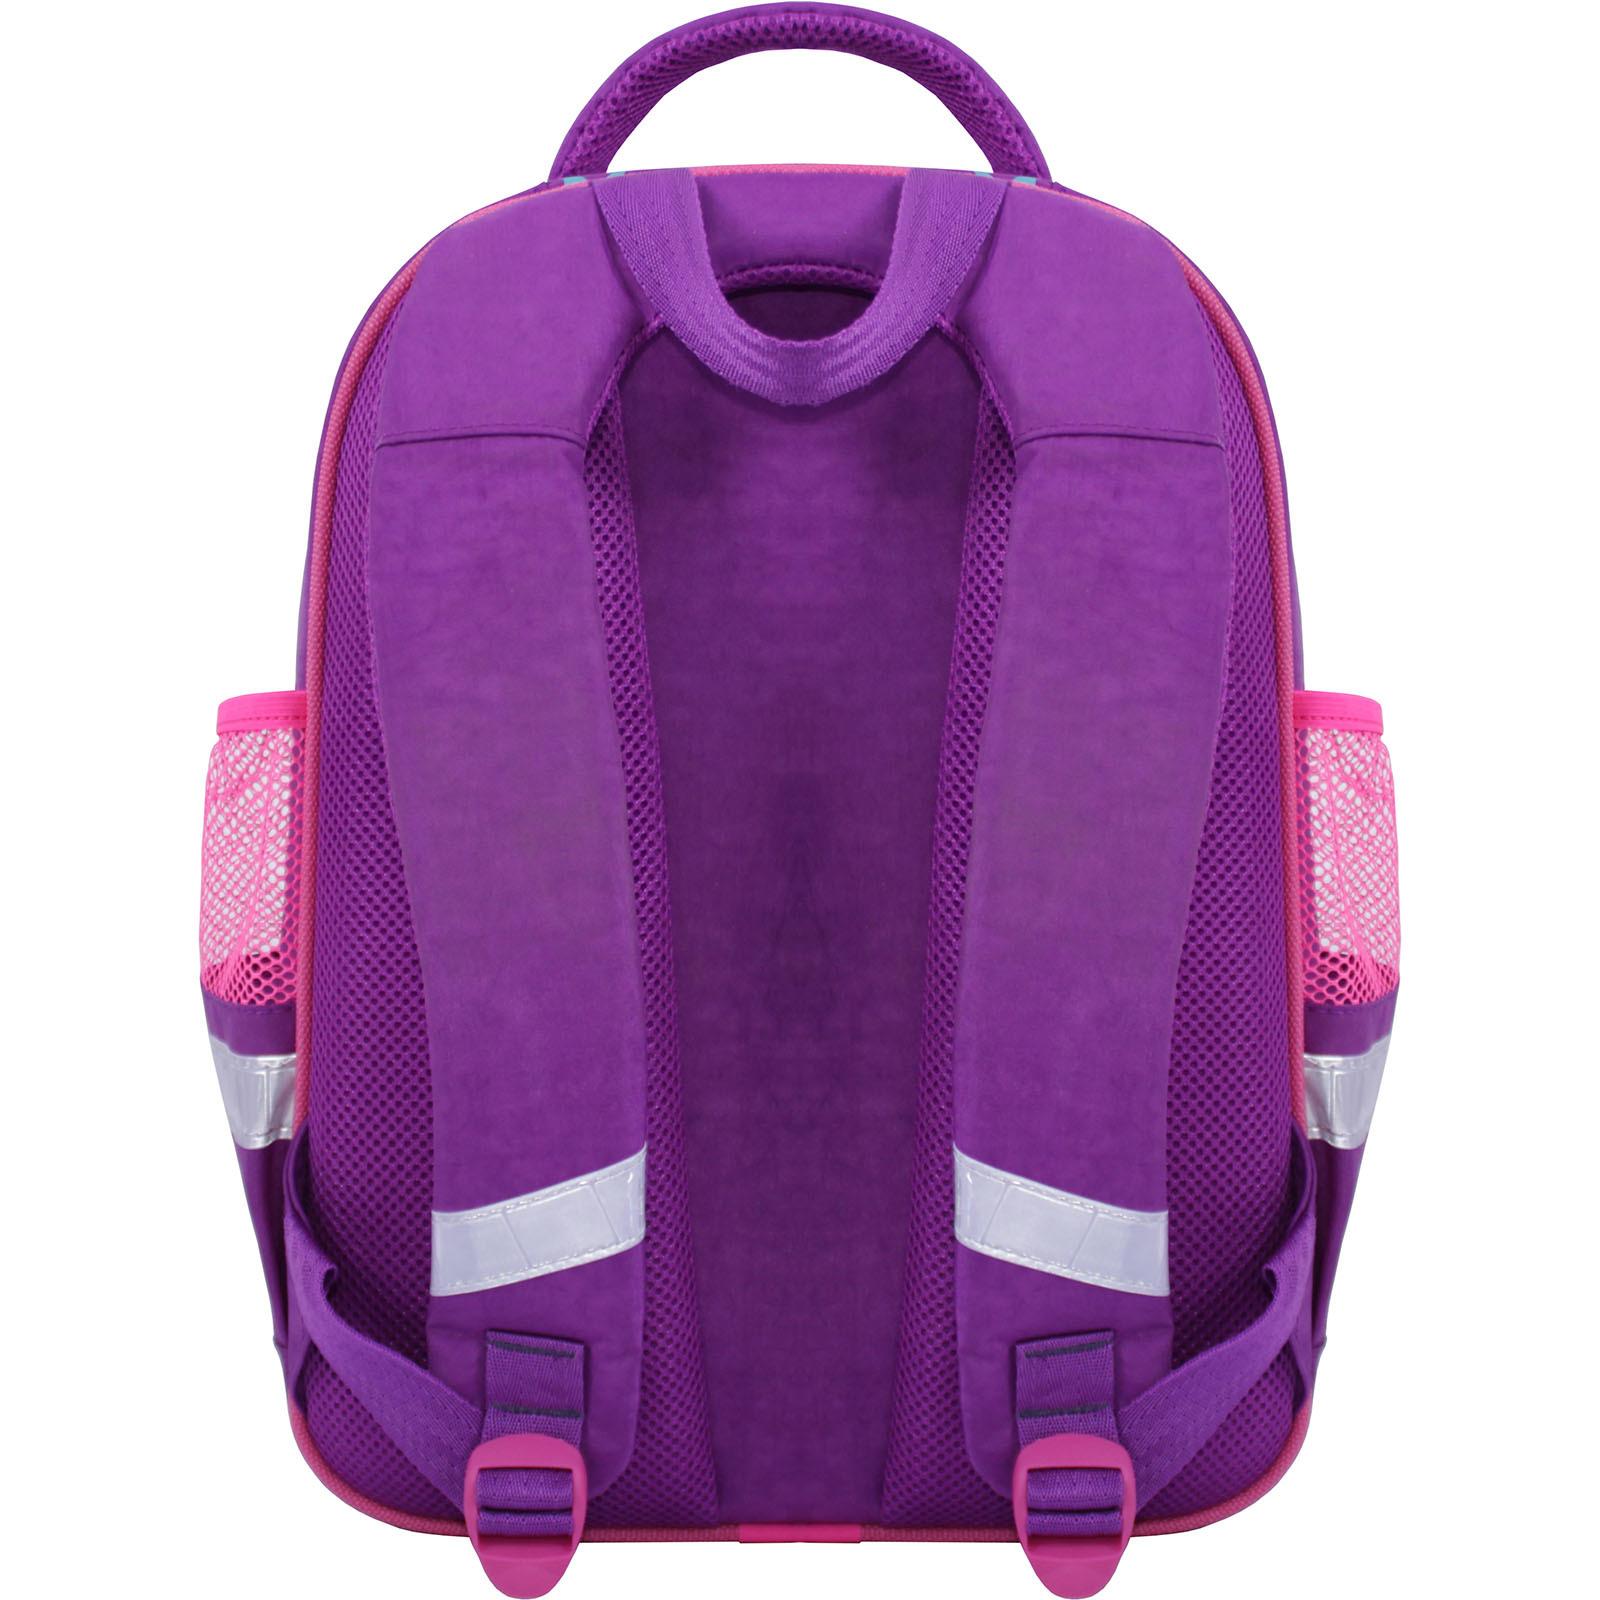 Рюкзак школьный Bagland Mouse 339 фиолетовый 502 (0051370) фото 3